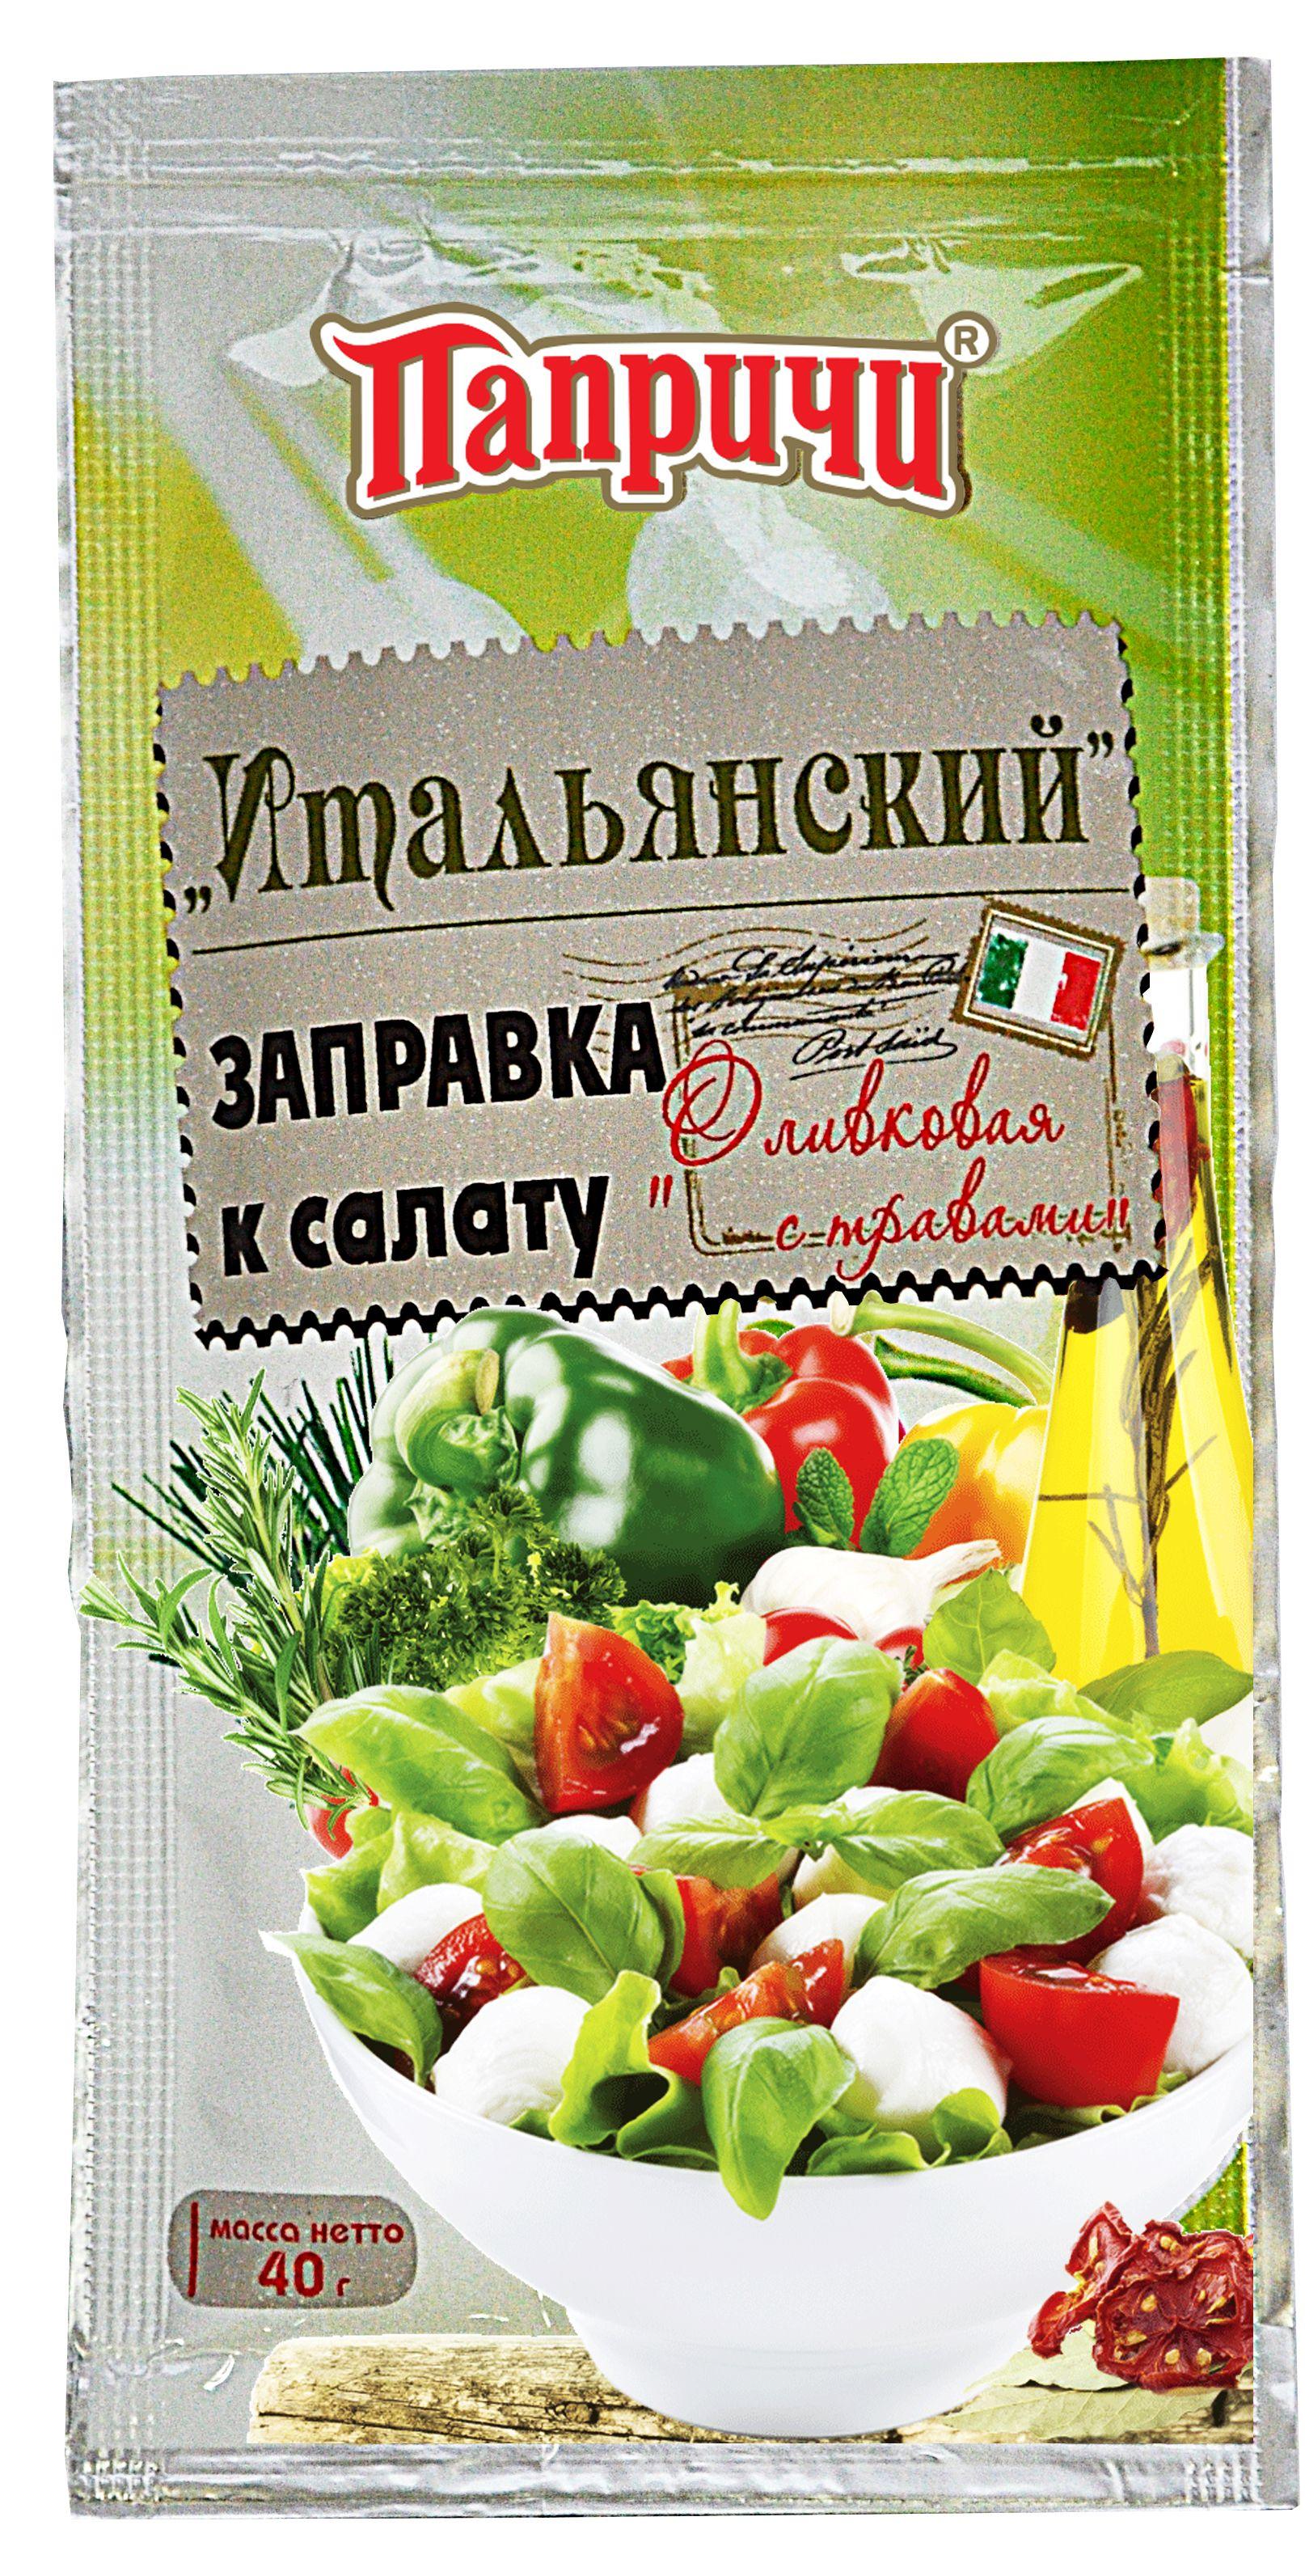 Заправка Оливковая с травами 40г к салату Итальянский, Папричи